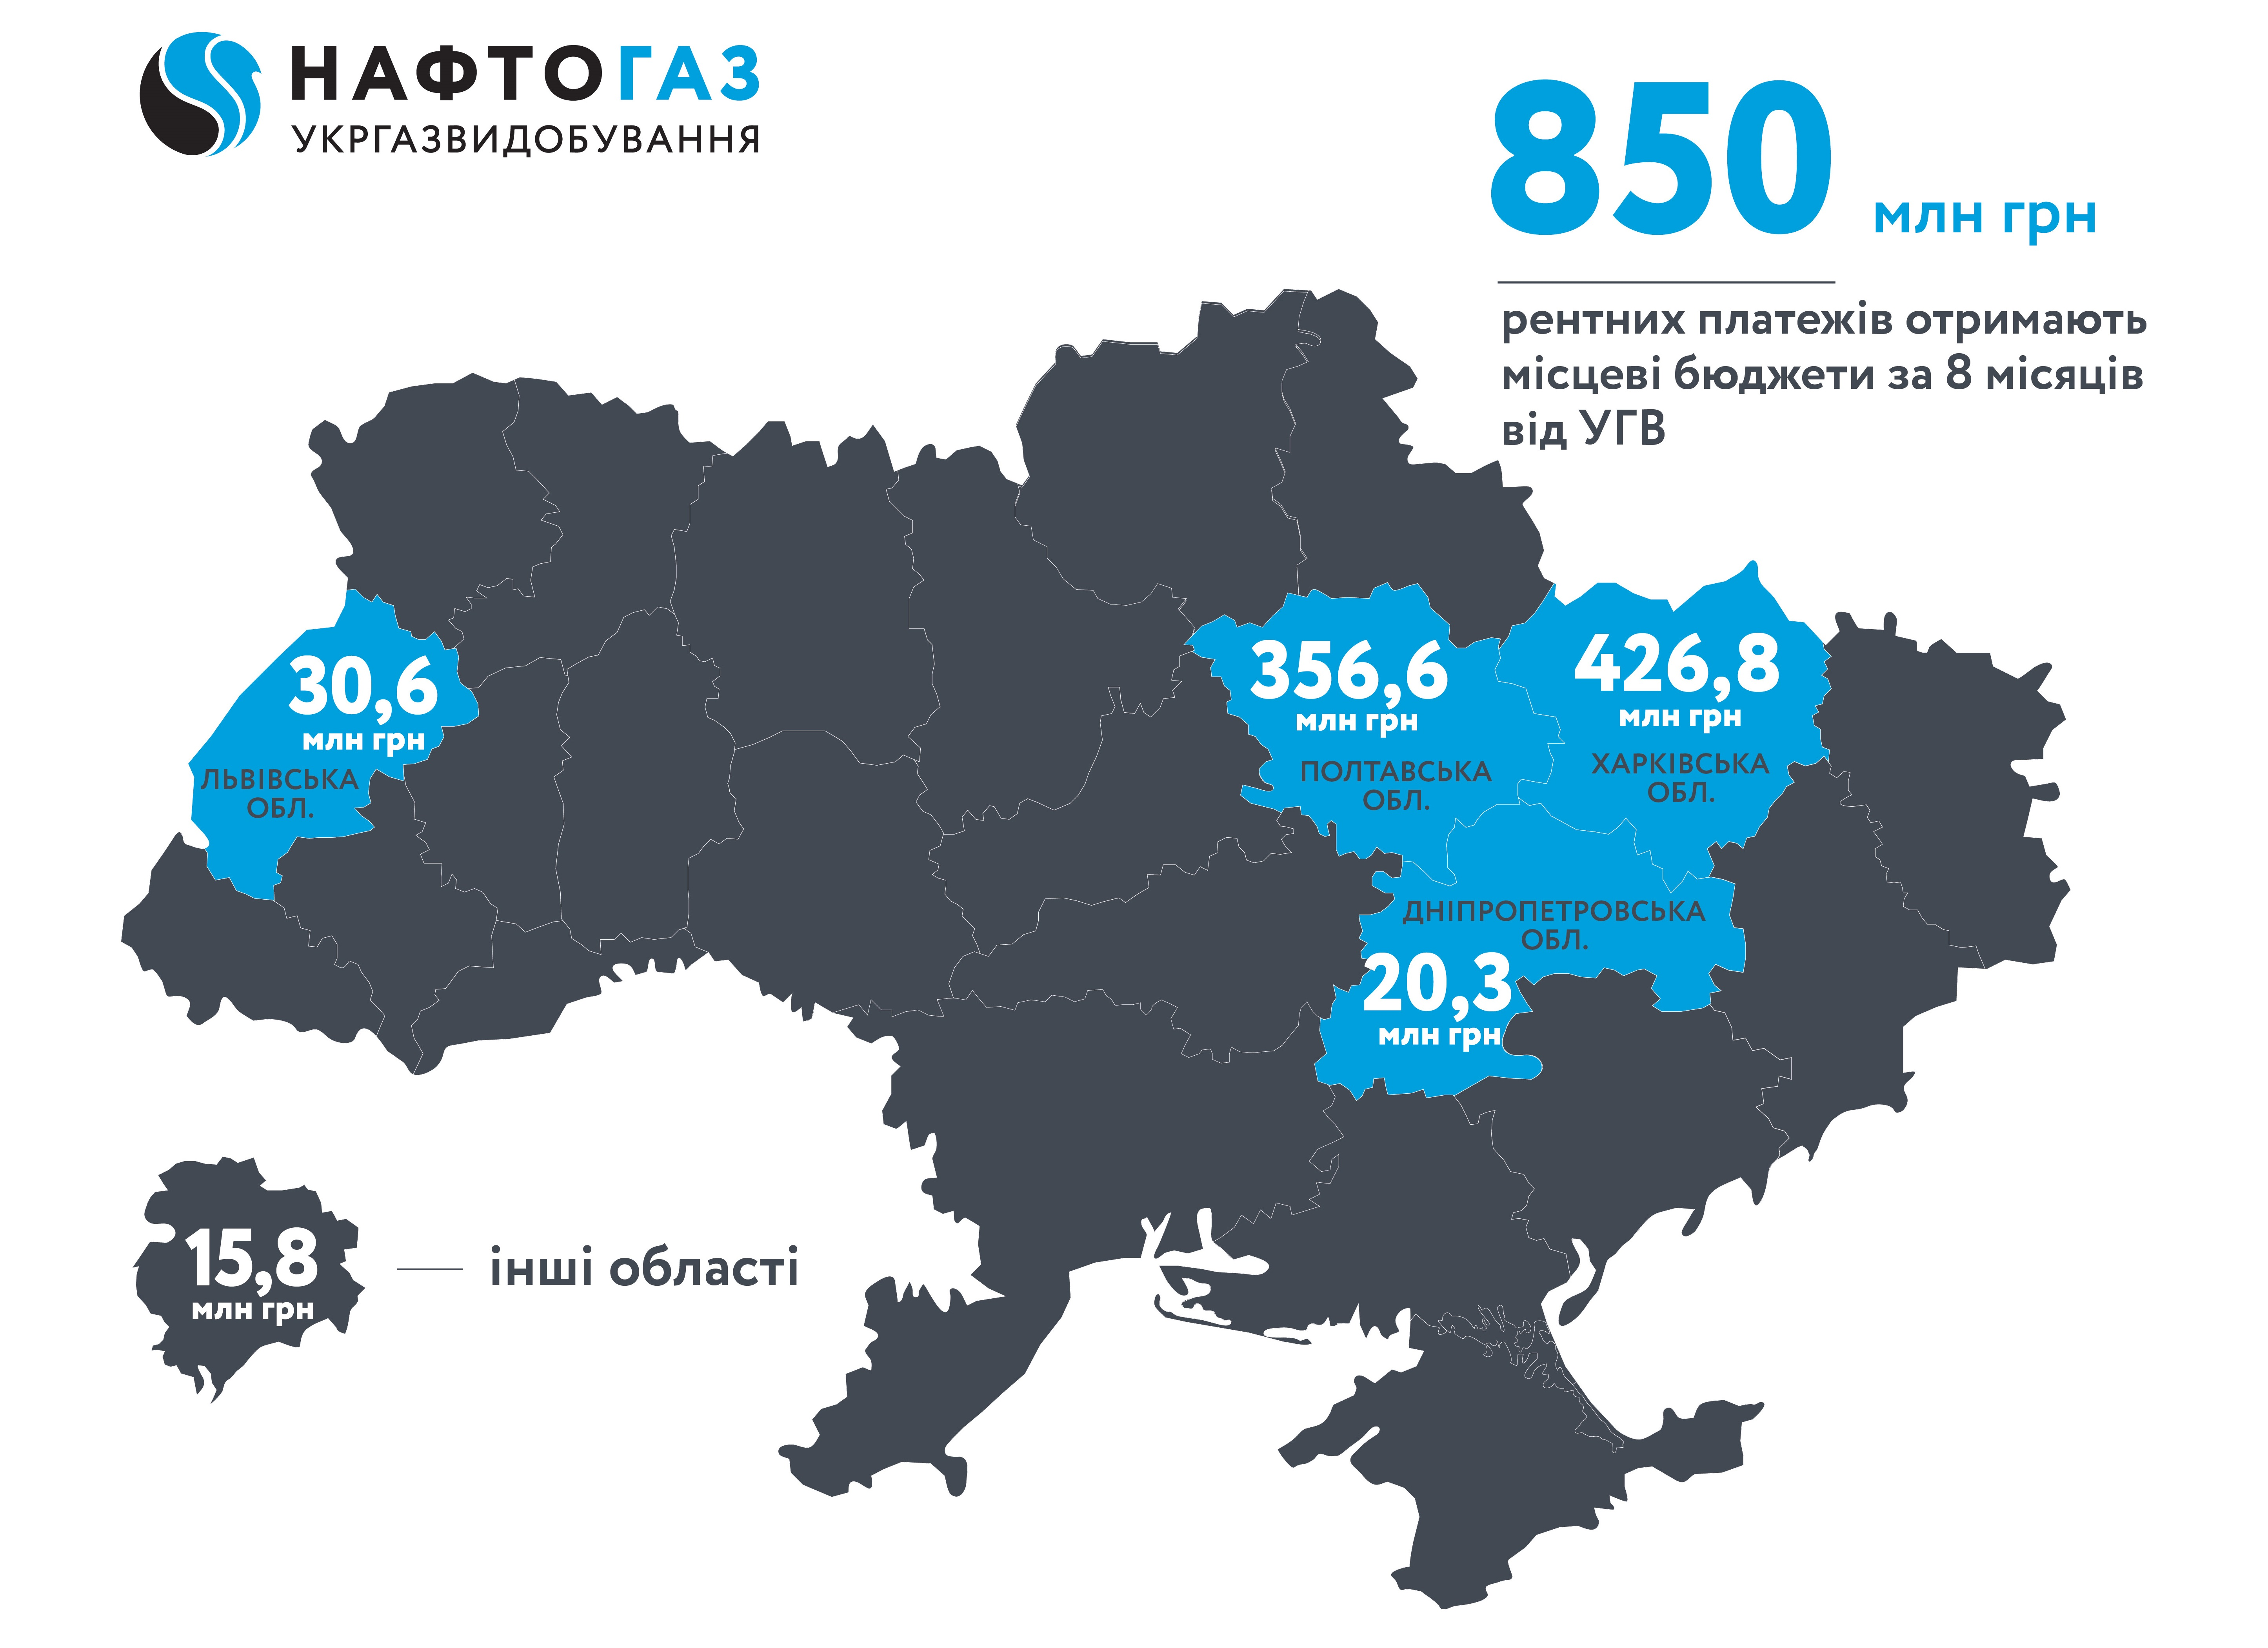 Укргаздобыча за 8 месяцев 2019 года направила в местные бюджеты более 850 млн грн рентных платежей